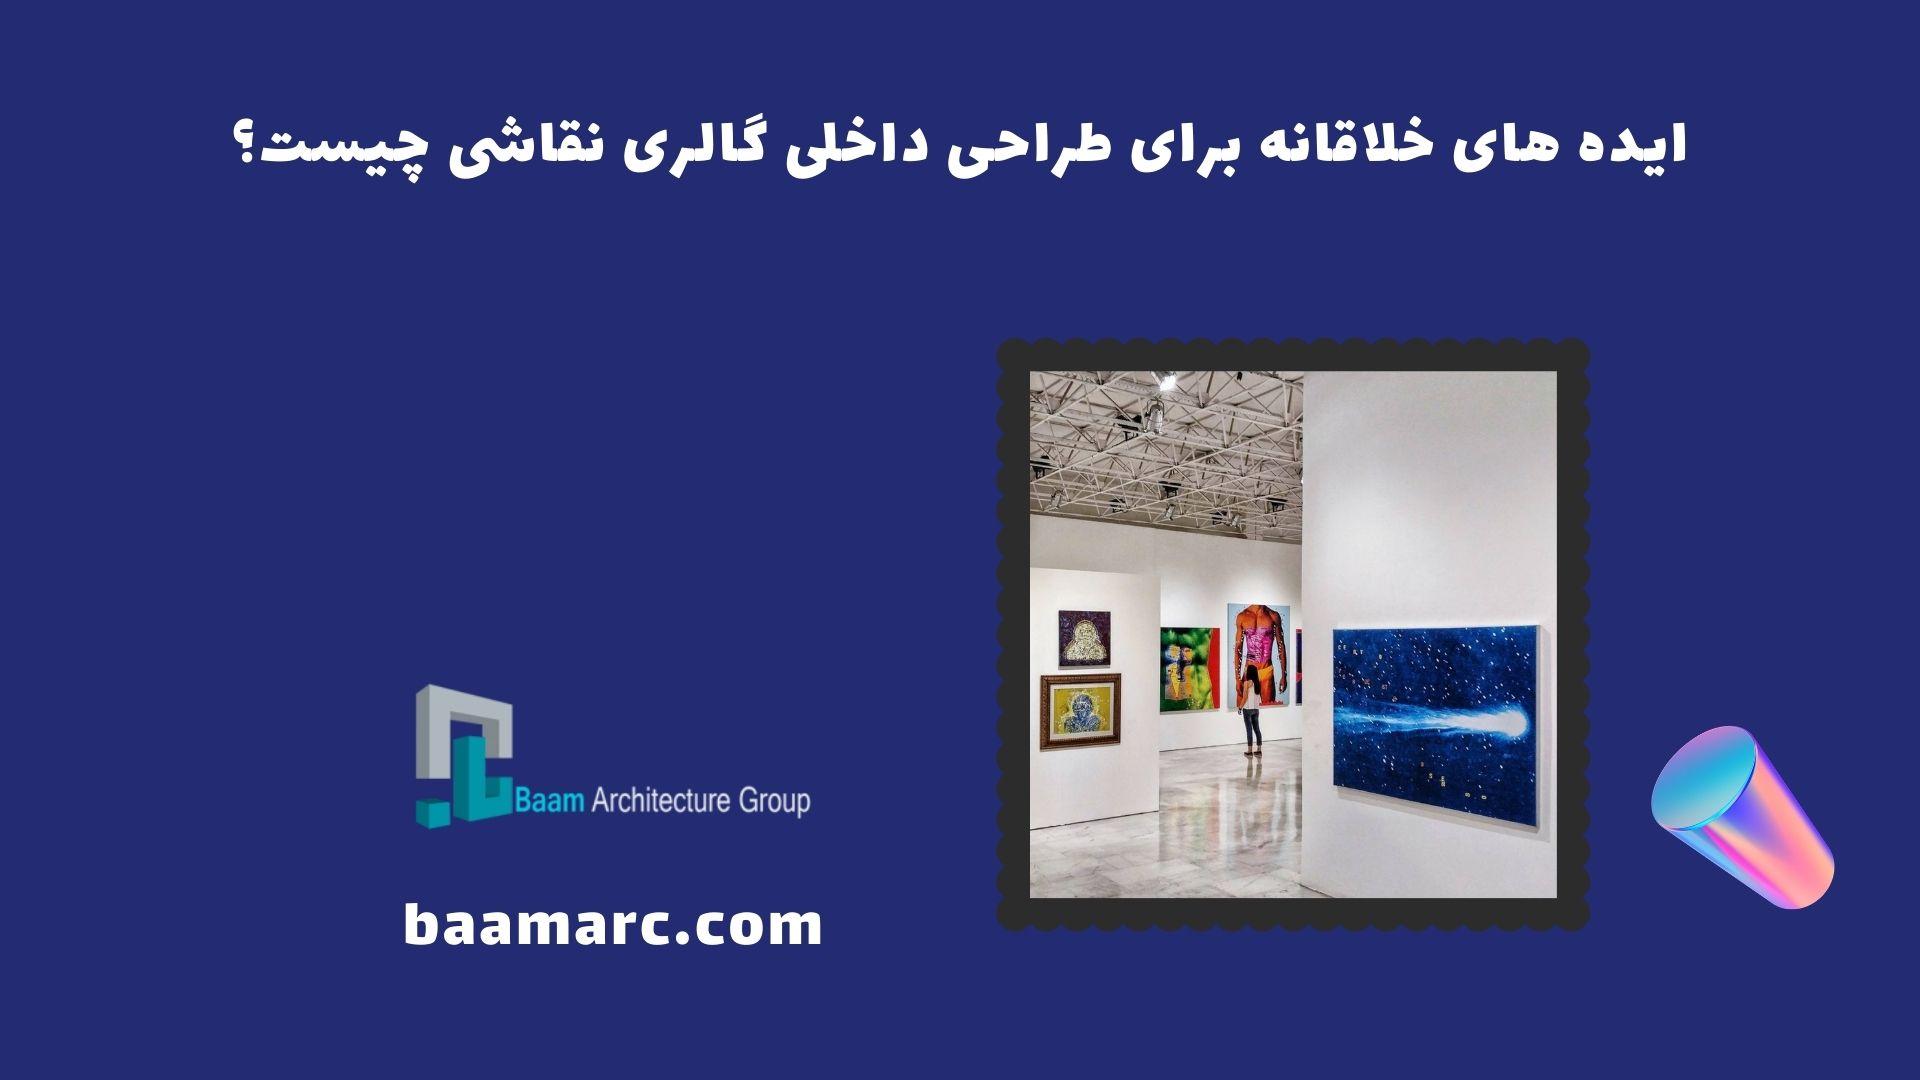 ایده های خلاقانه برای طراحی داخلی گالری نقاشی چیست؟